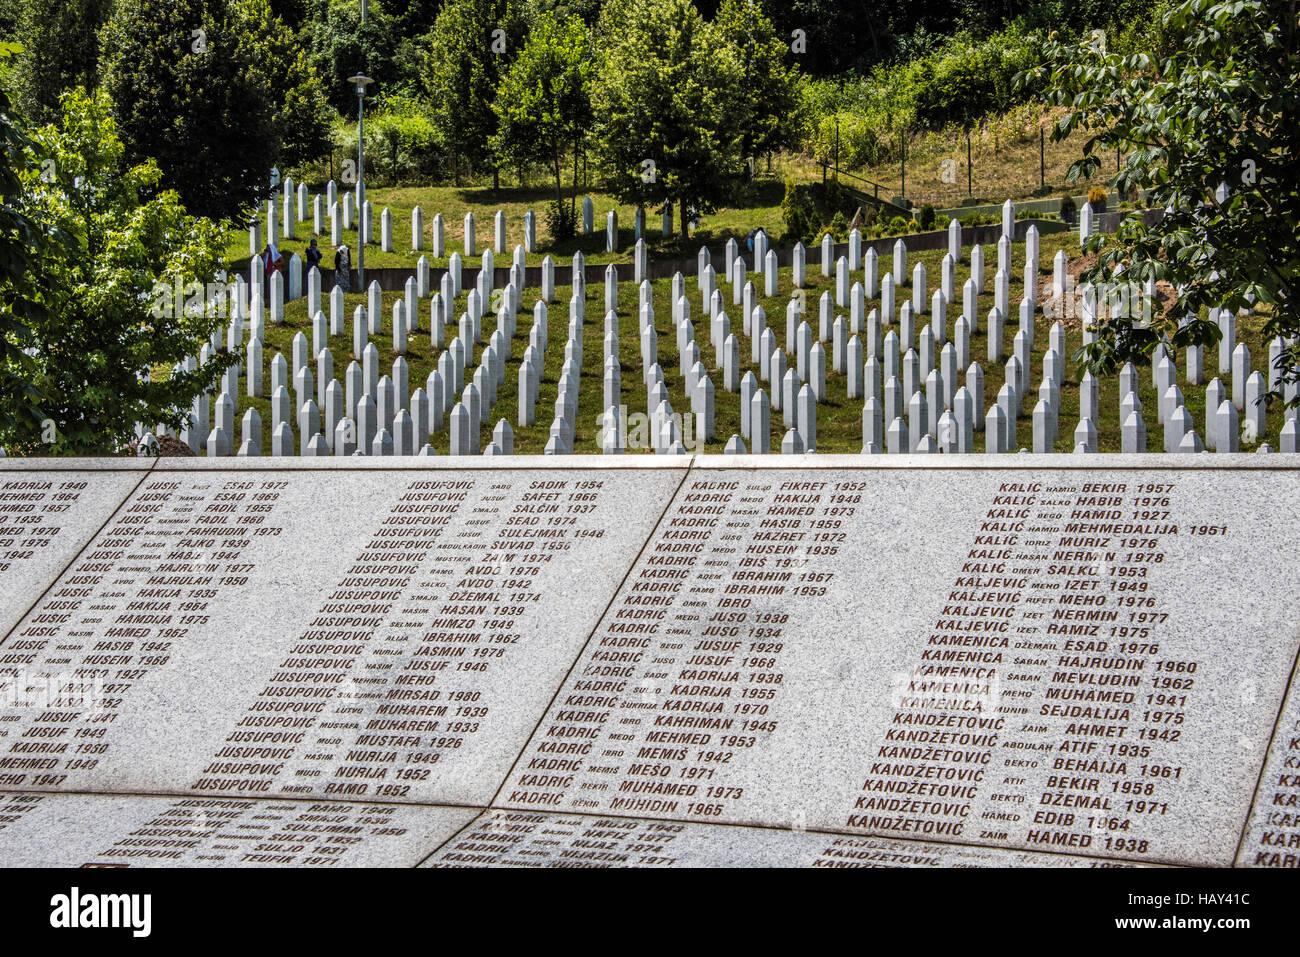 Srebrenica, Potocari Genocide Cemetery, Bosnia and Herzegovina, Stock Photo